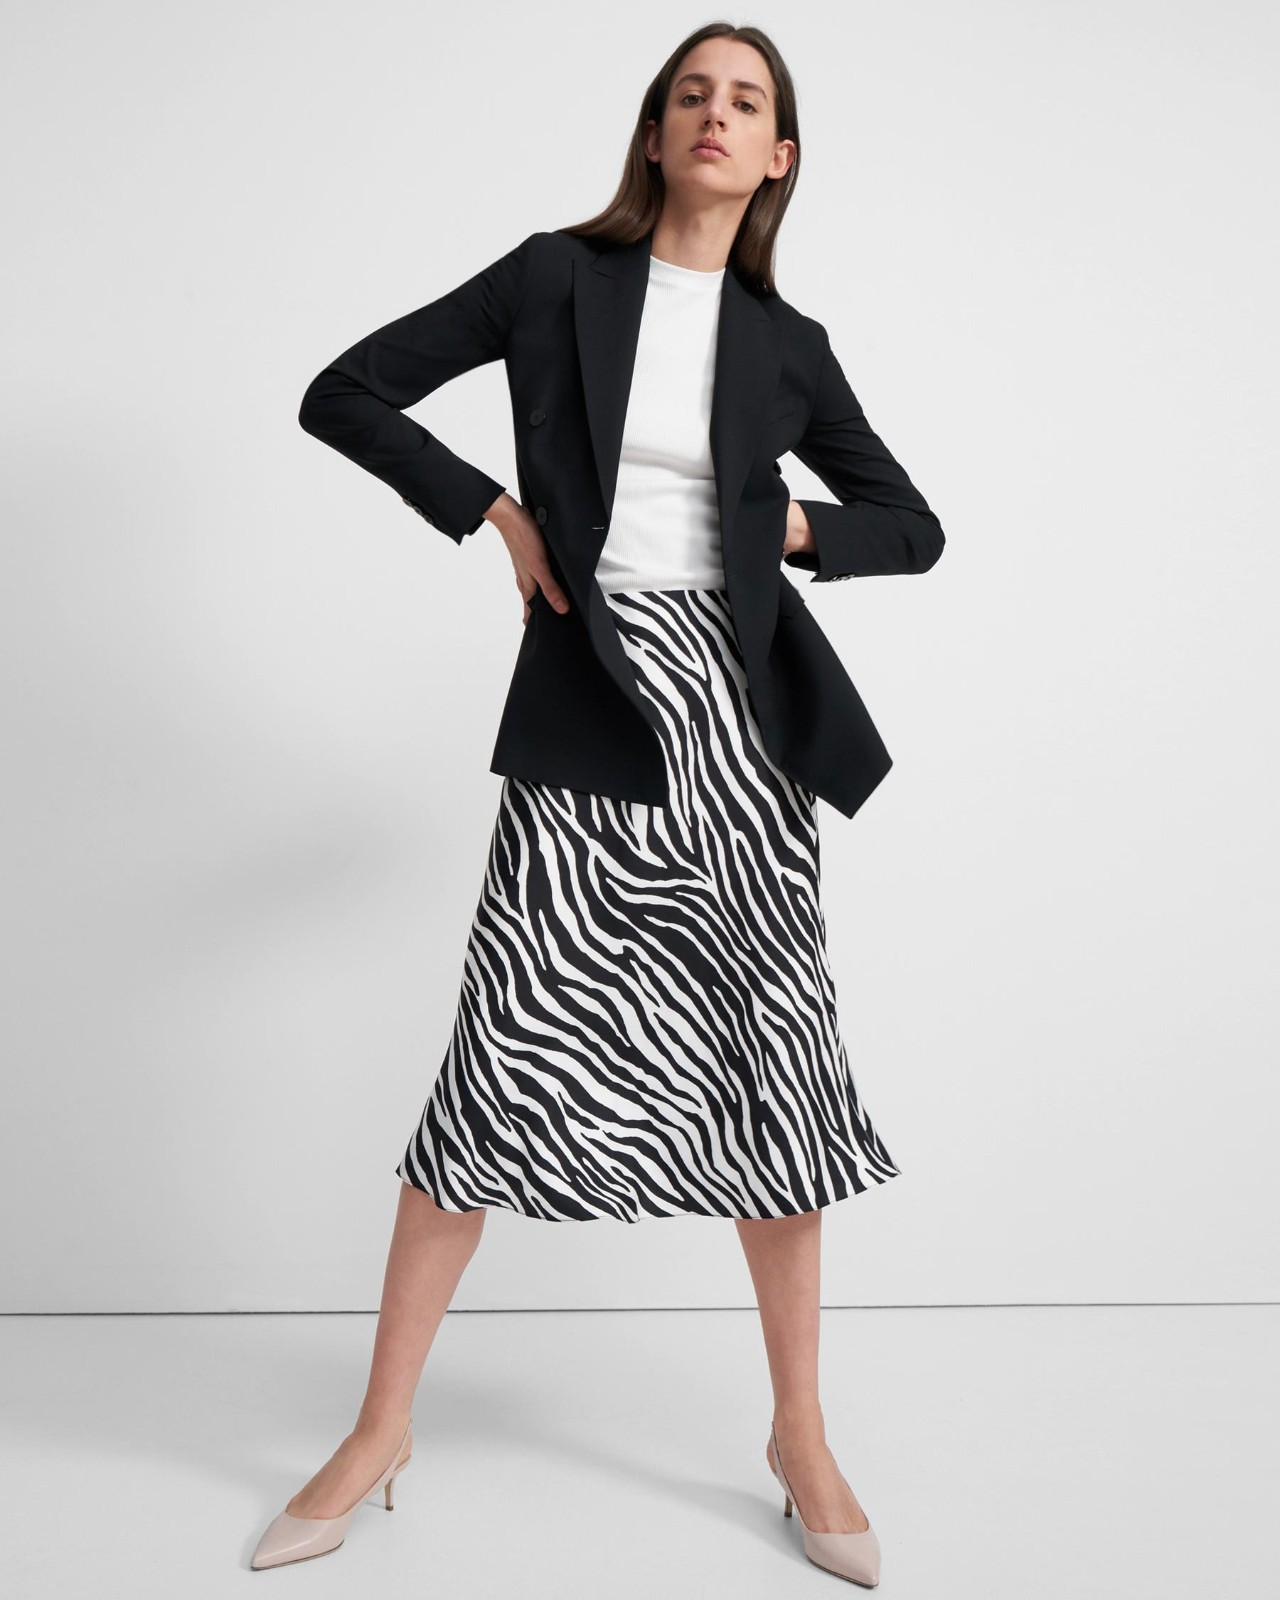 斑马纹斜纹裙